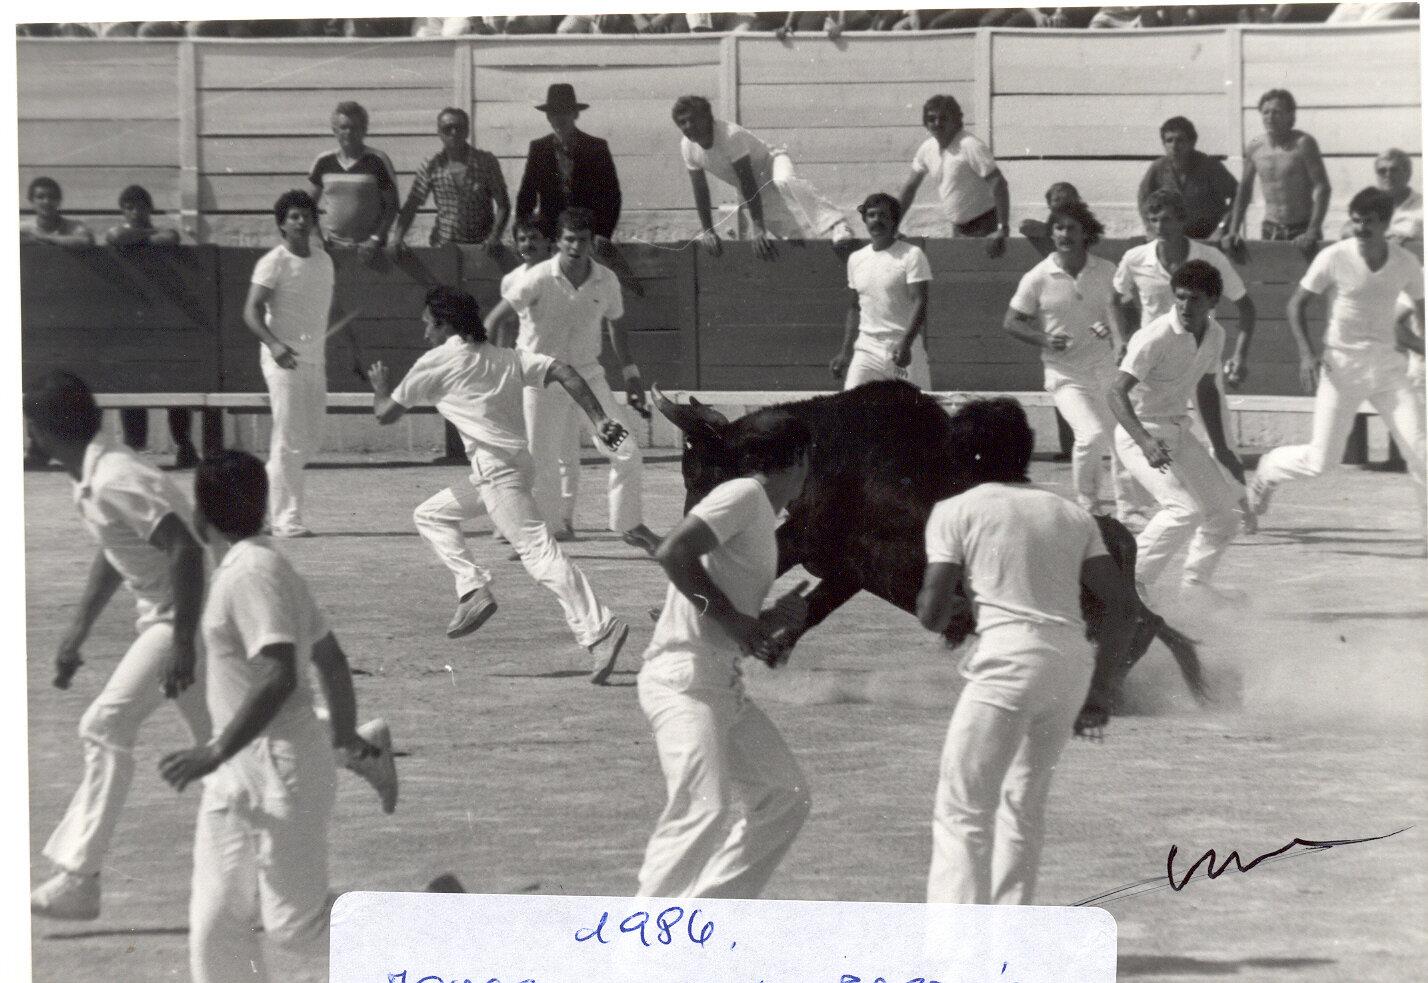 COCARDE 1984 MOUSSAILLON DE PASTRE SUR JACKY SIMEON